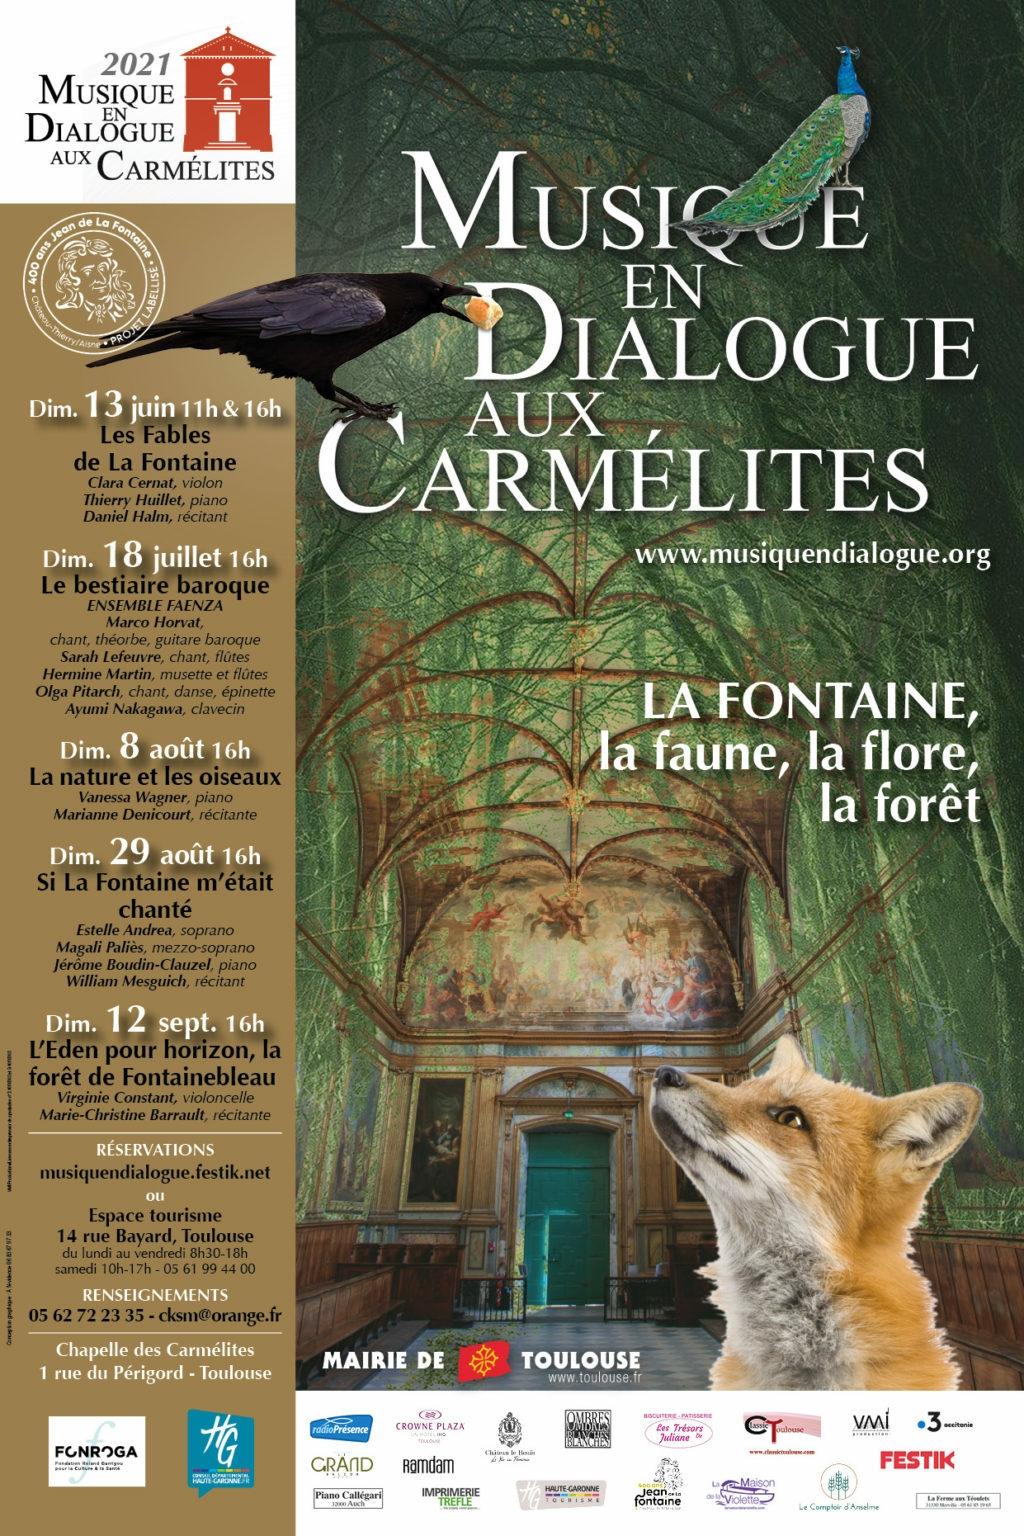 Toulouse : Clara Cernat et Thierry Huillet célèbrent La Fontaine à la chapelle des Carmélites